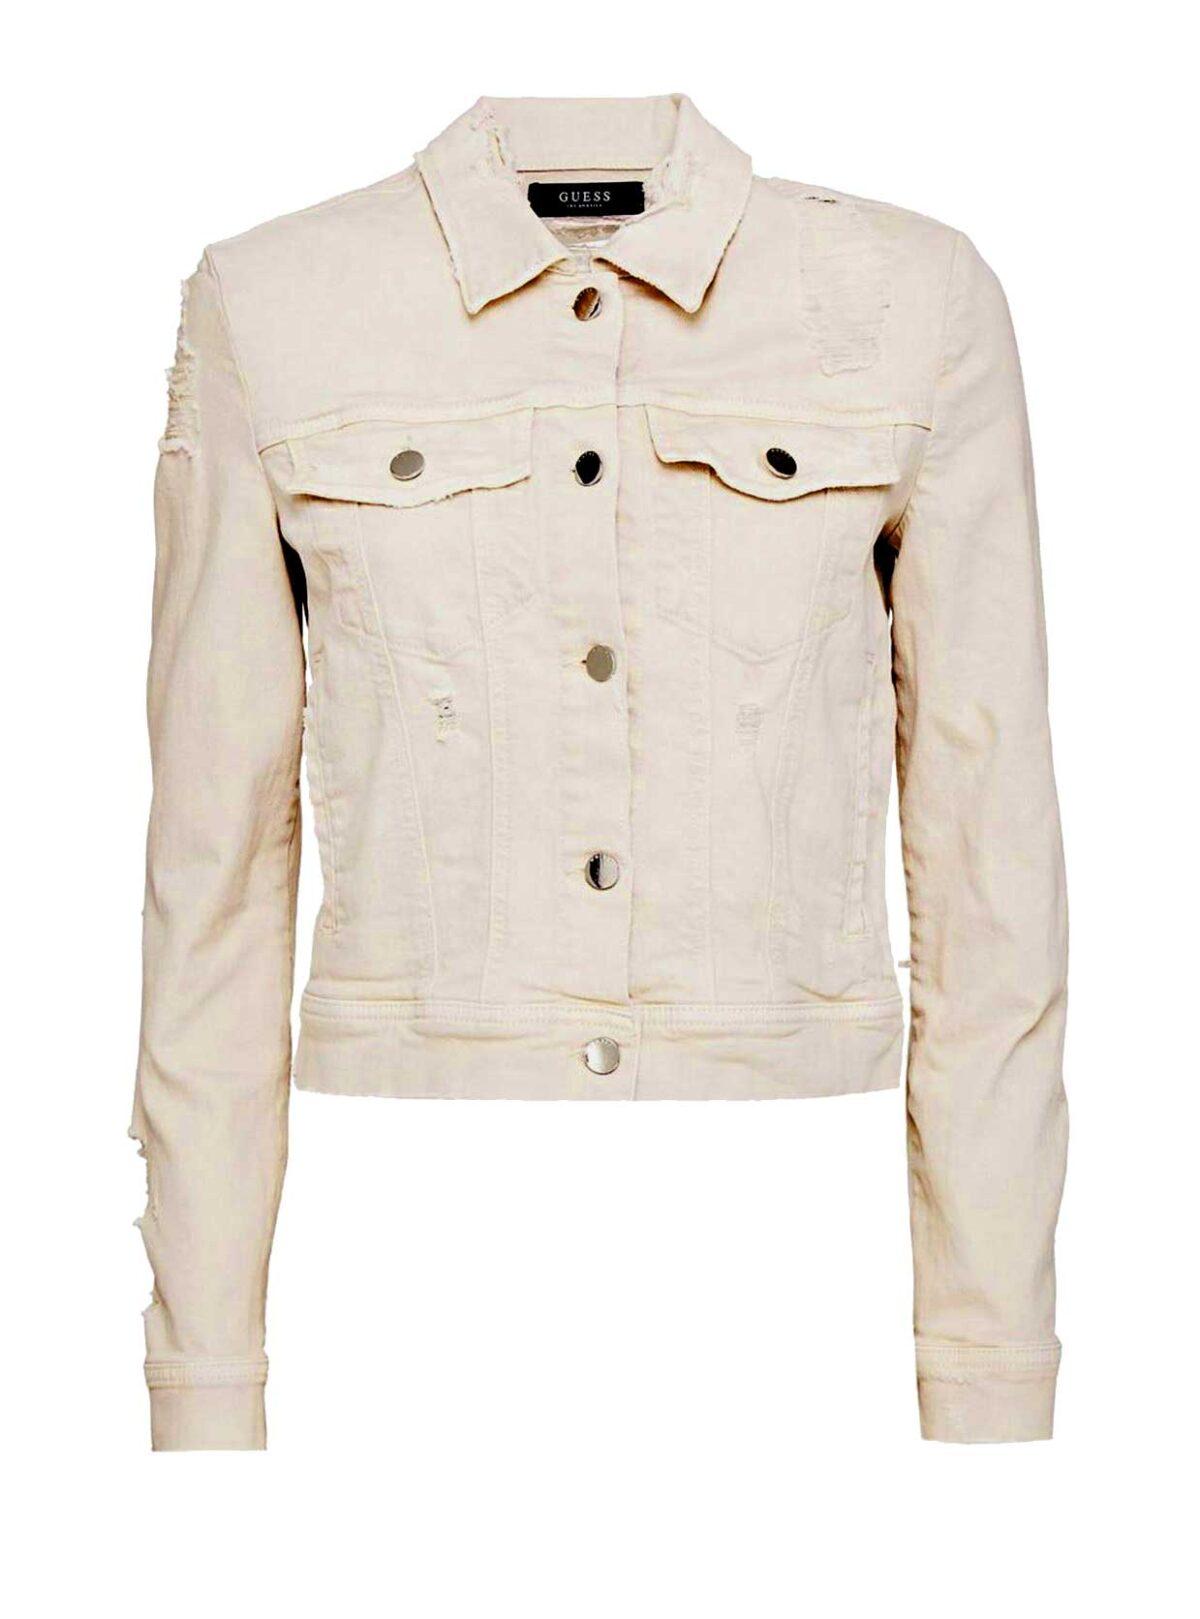 jacken auf rechnung bestellen als neukunde GUESS Damen Designer-Jeansjacke Kurz 758.377 MISSFORTY